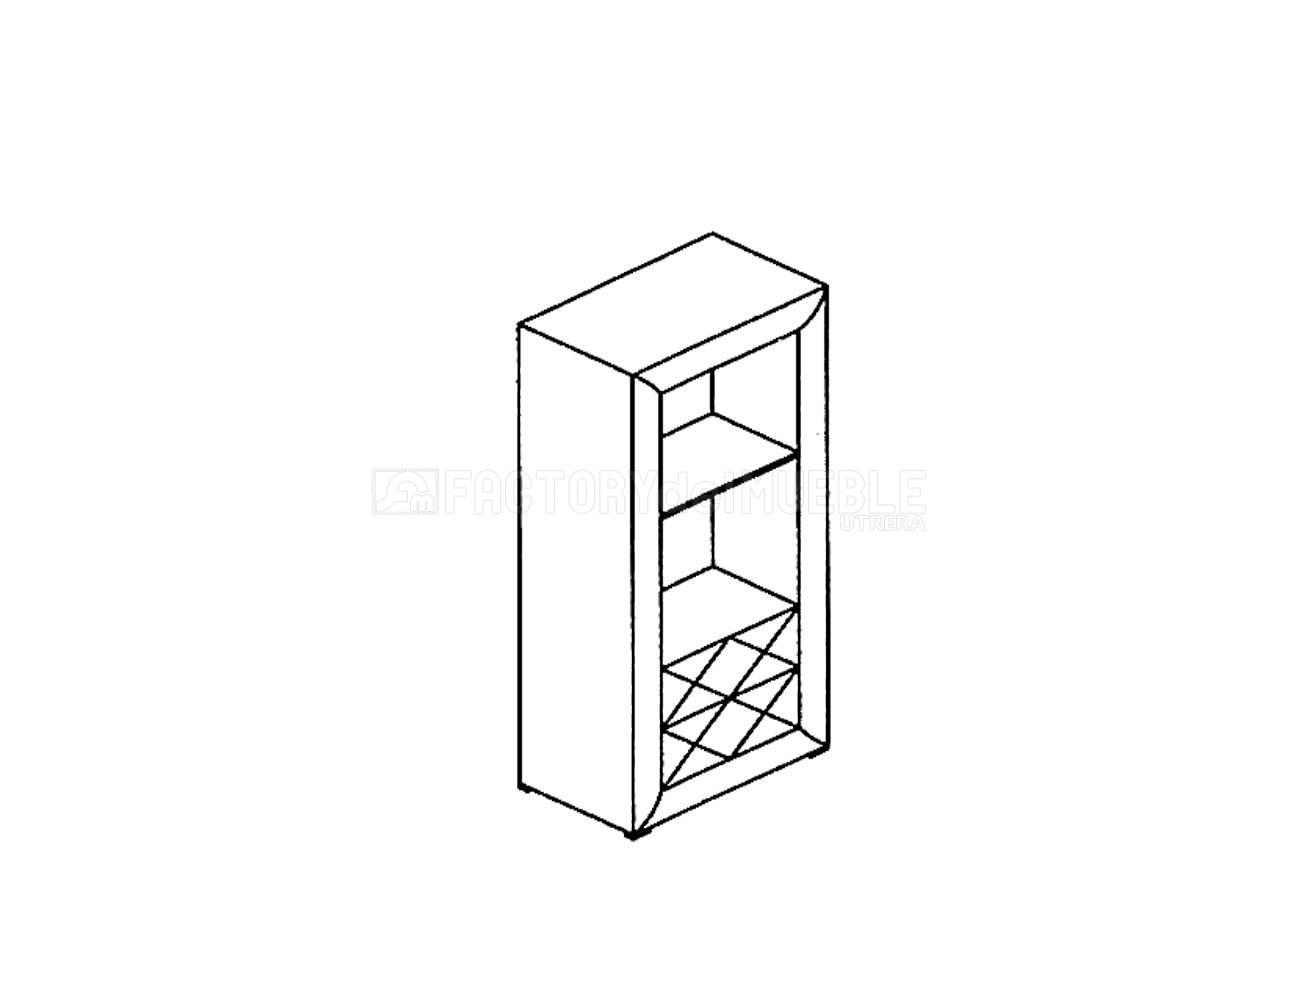 Torre estanteria 2c 04m1071